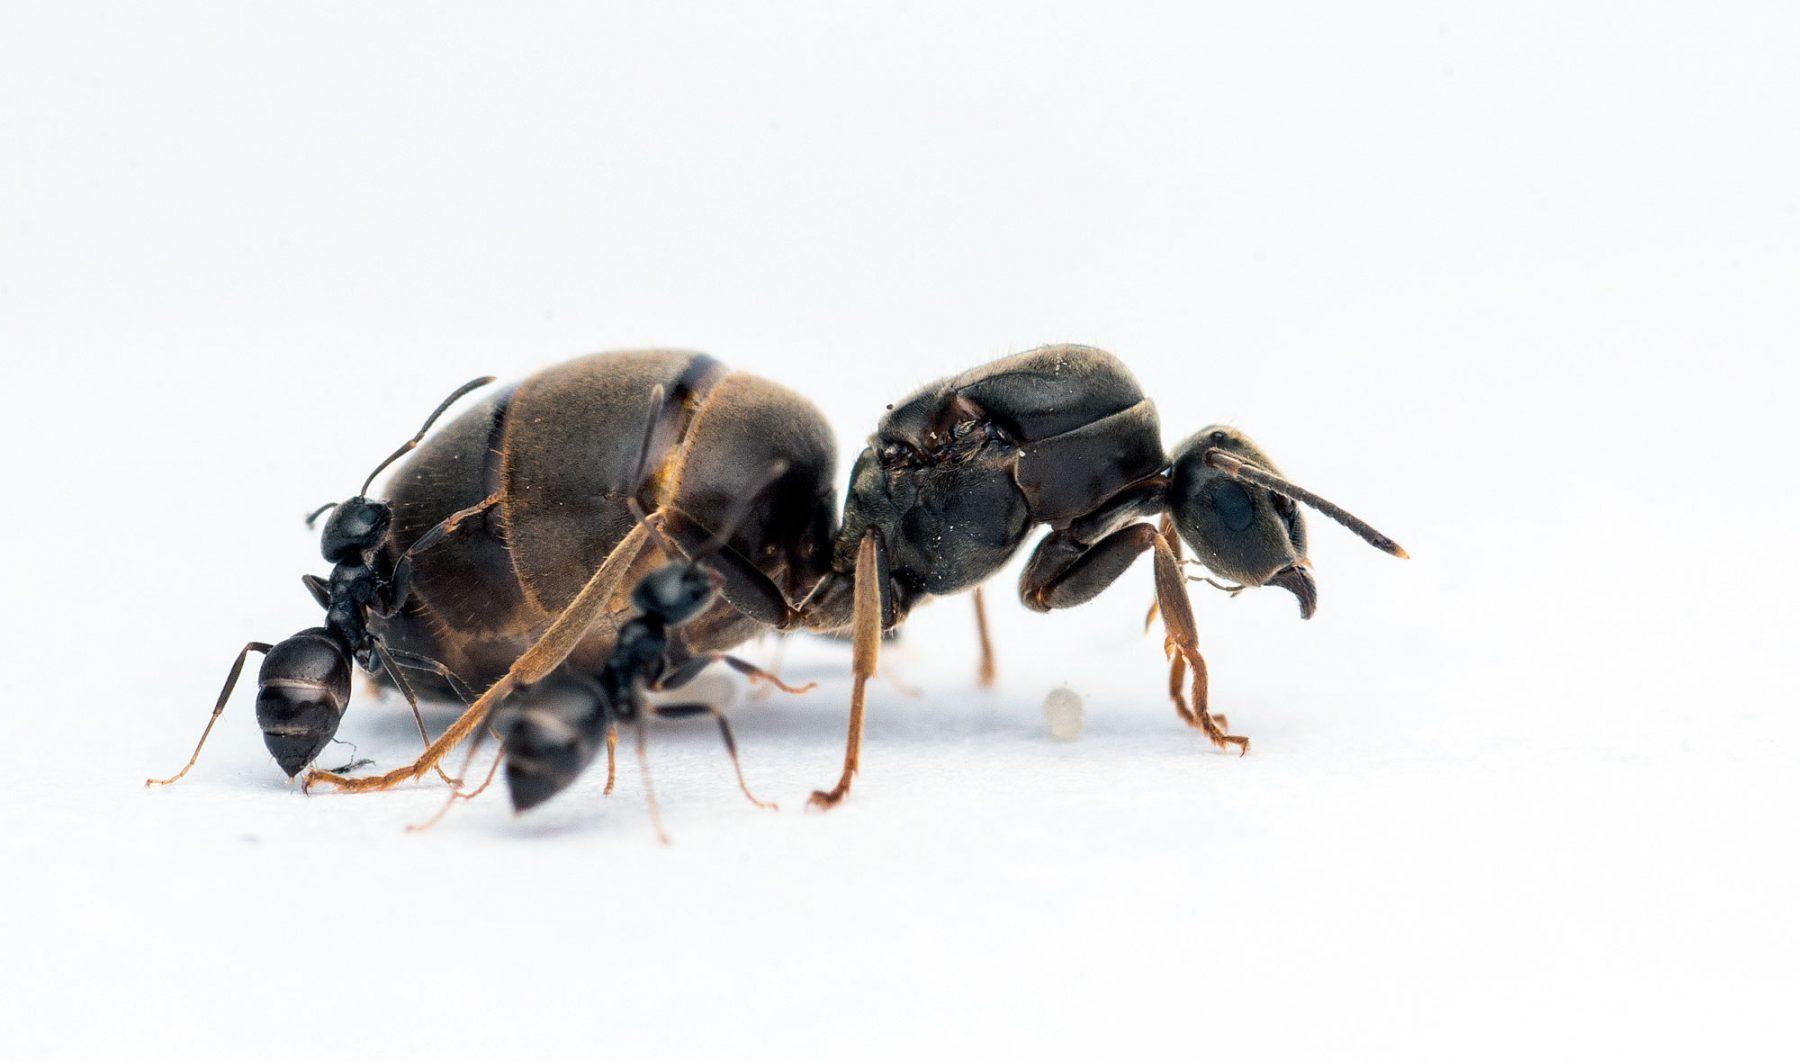 Grosses Fourmis Noires Dans Le Jardin pourquoi la reine fourmi vit-elle plus longtemps que ses